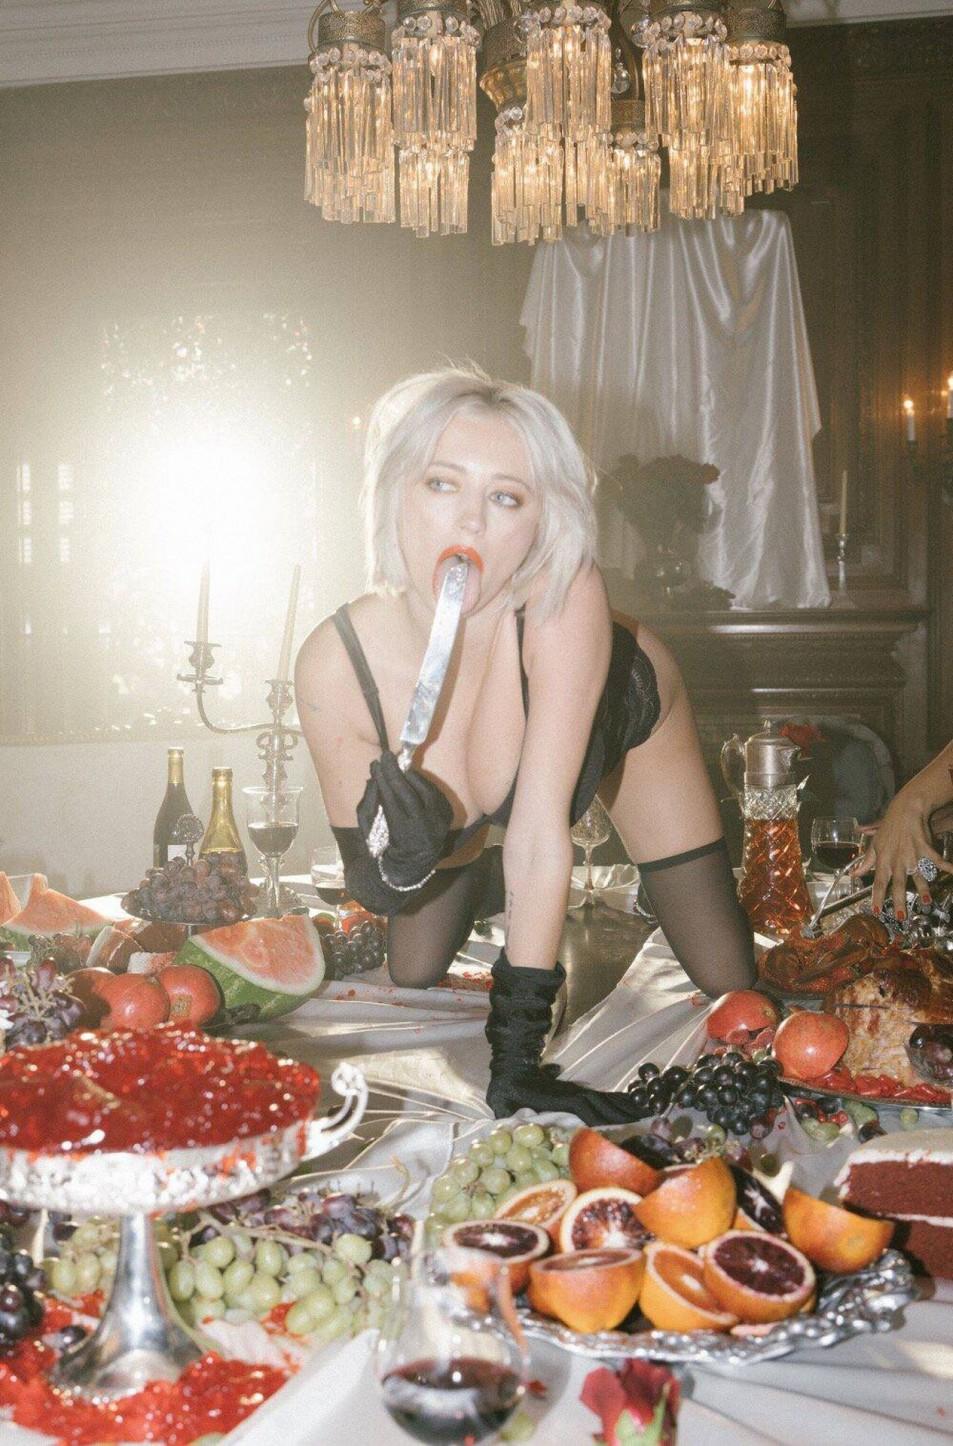 Caroline-Vreeland-Black-Lingerie-1.jpg